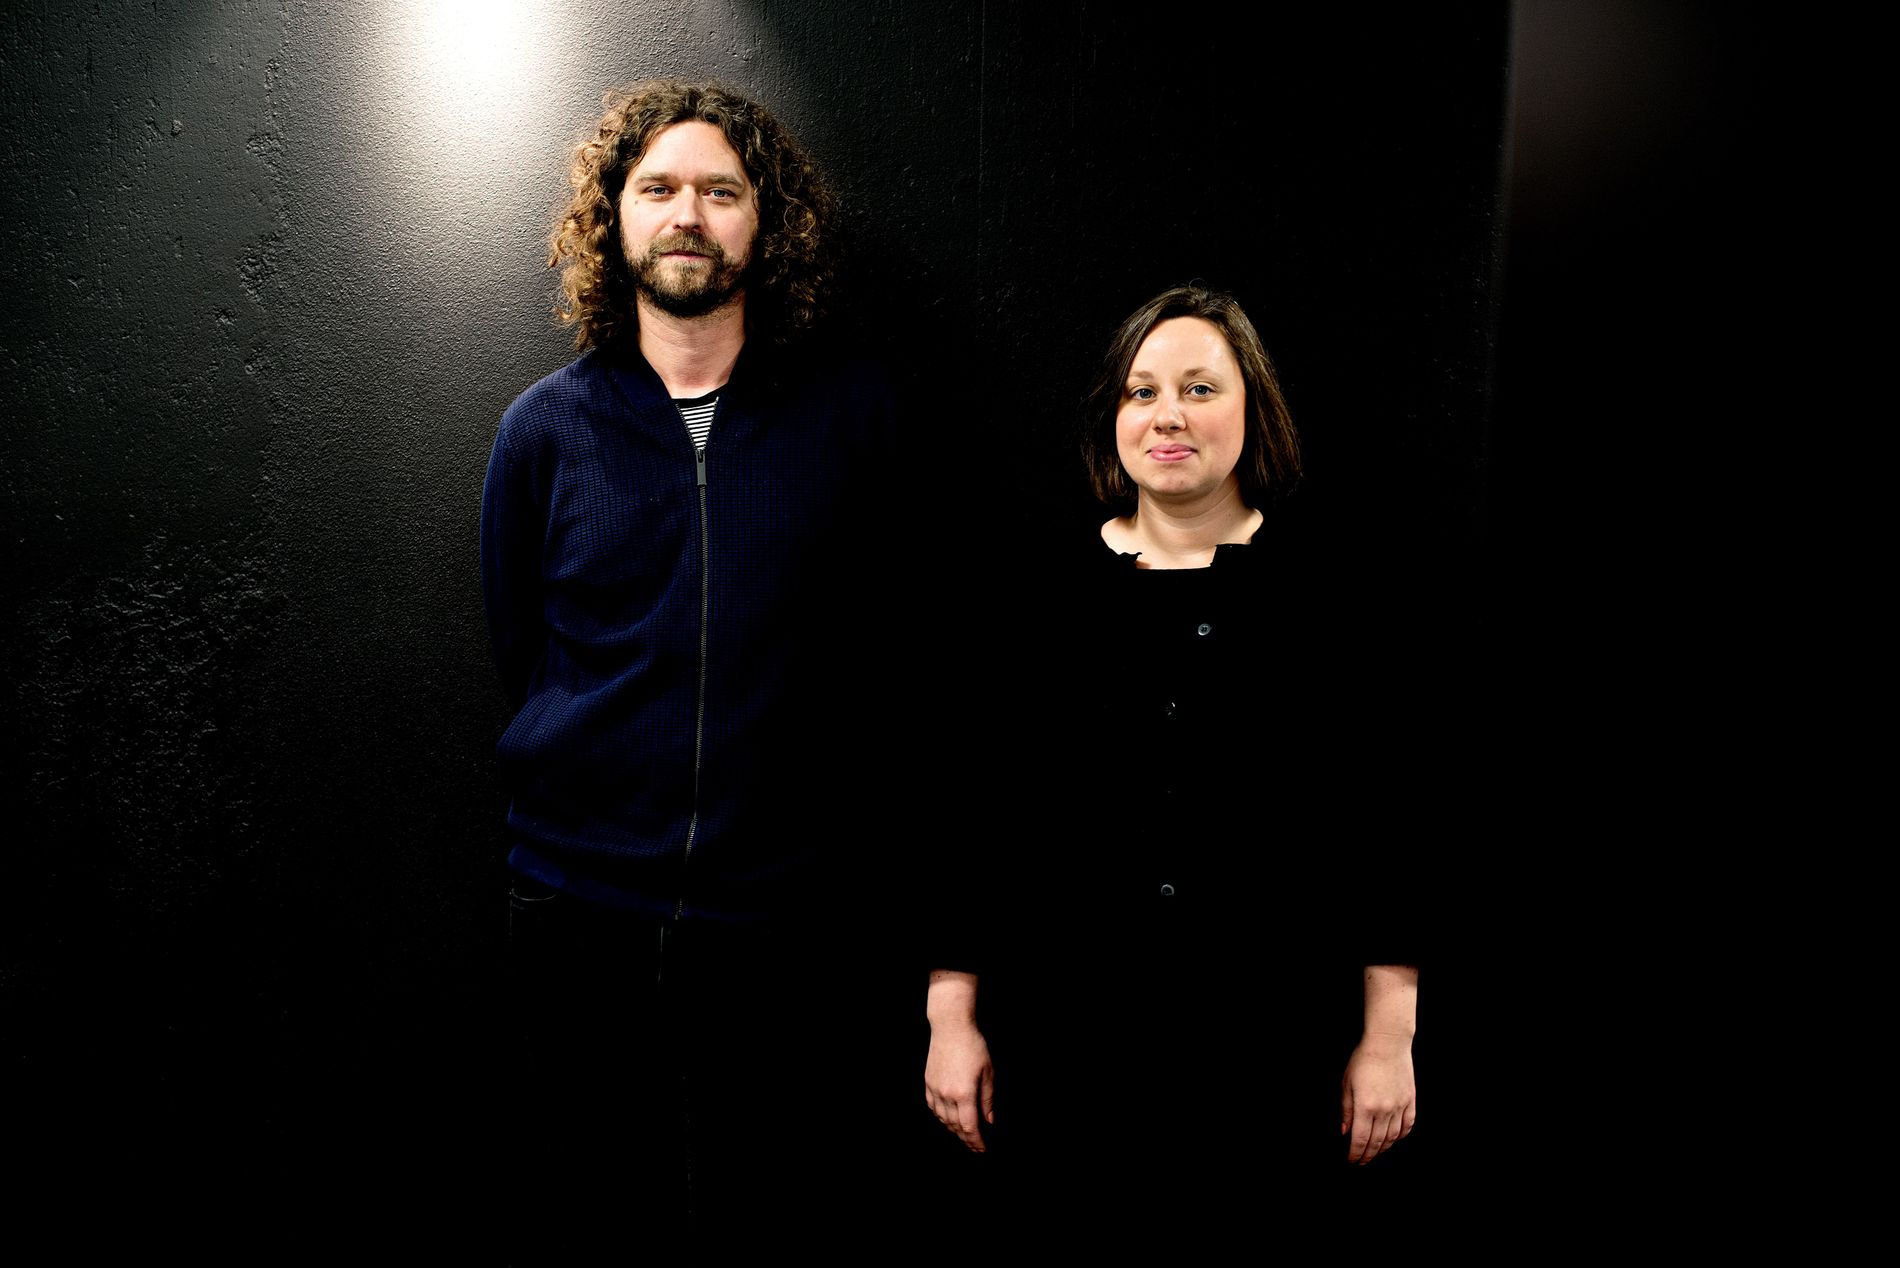 VIL HA KULTURHUS PÅ VERFTET: Ivar Vogt, sjef for USF, og Charlotte Spurkeland, sjef for  Kultur Vest.